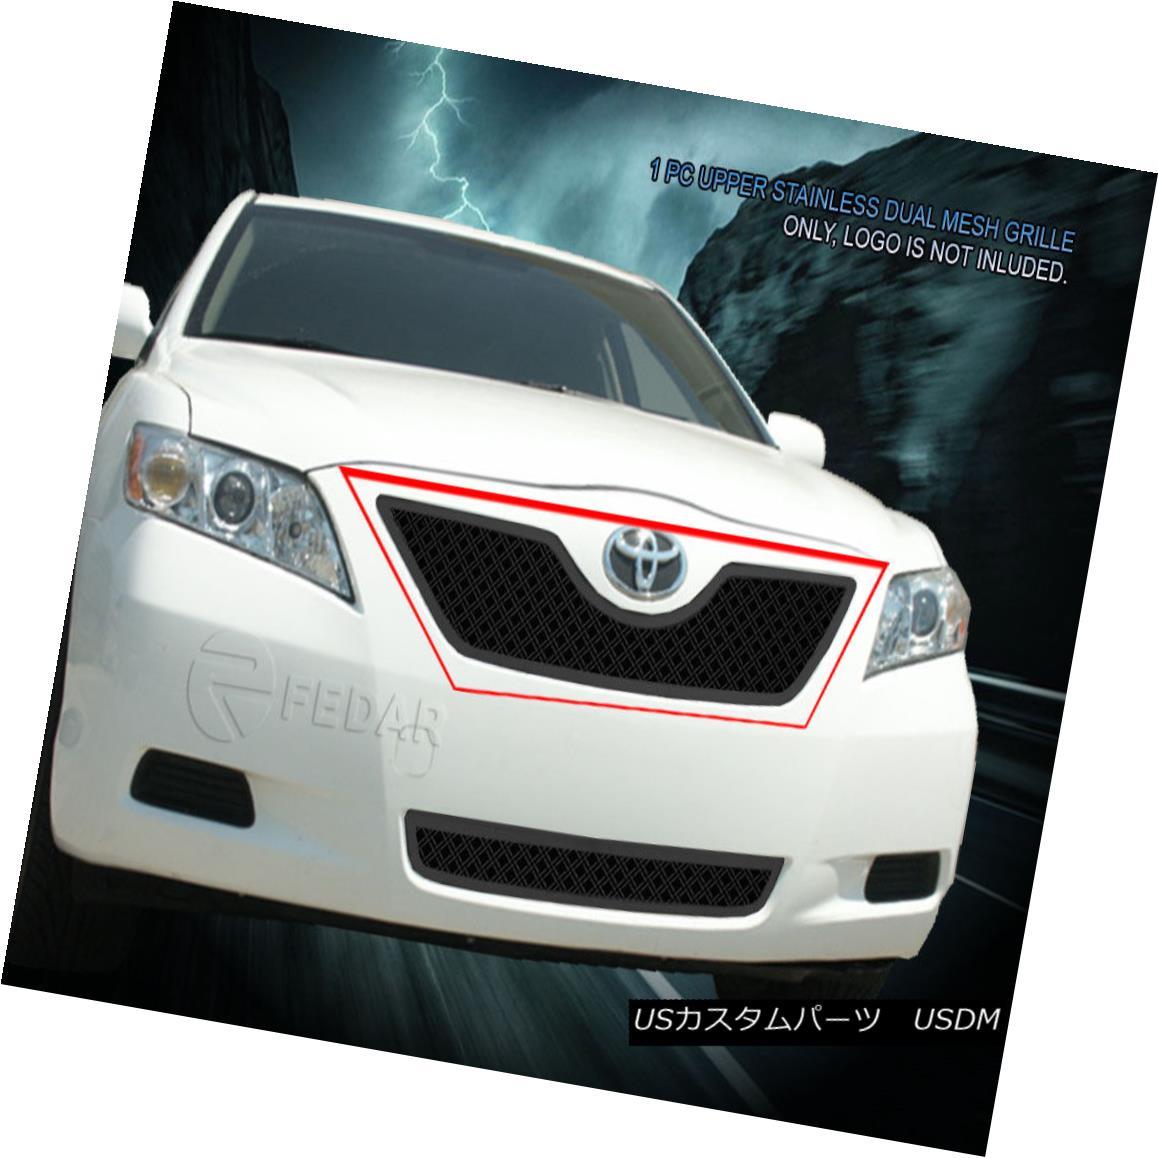 グリル Fedar Fits 2007-2009 Toyota Camry Full Black Upper Dual Weave Mesh Grille Insert Fedar 2007-2009トヨタカムリフルブラックアッパーデュアルウィーブメッシュグリルインサート